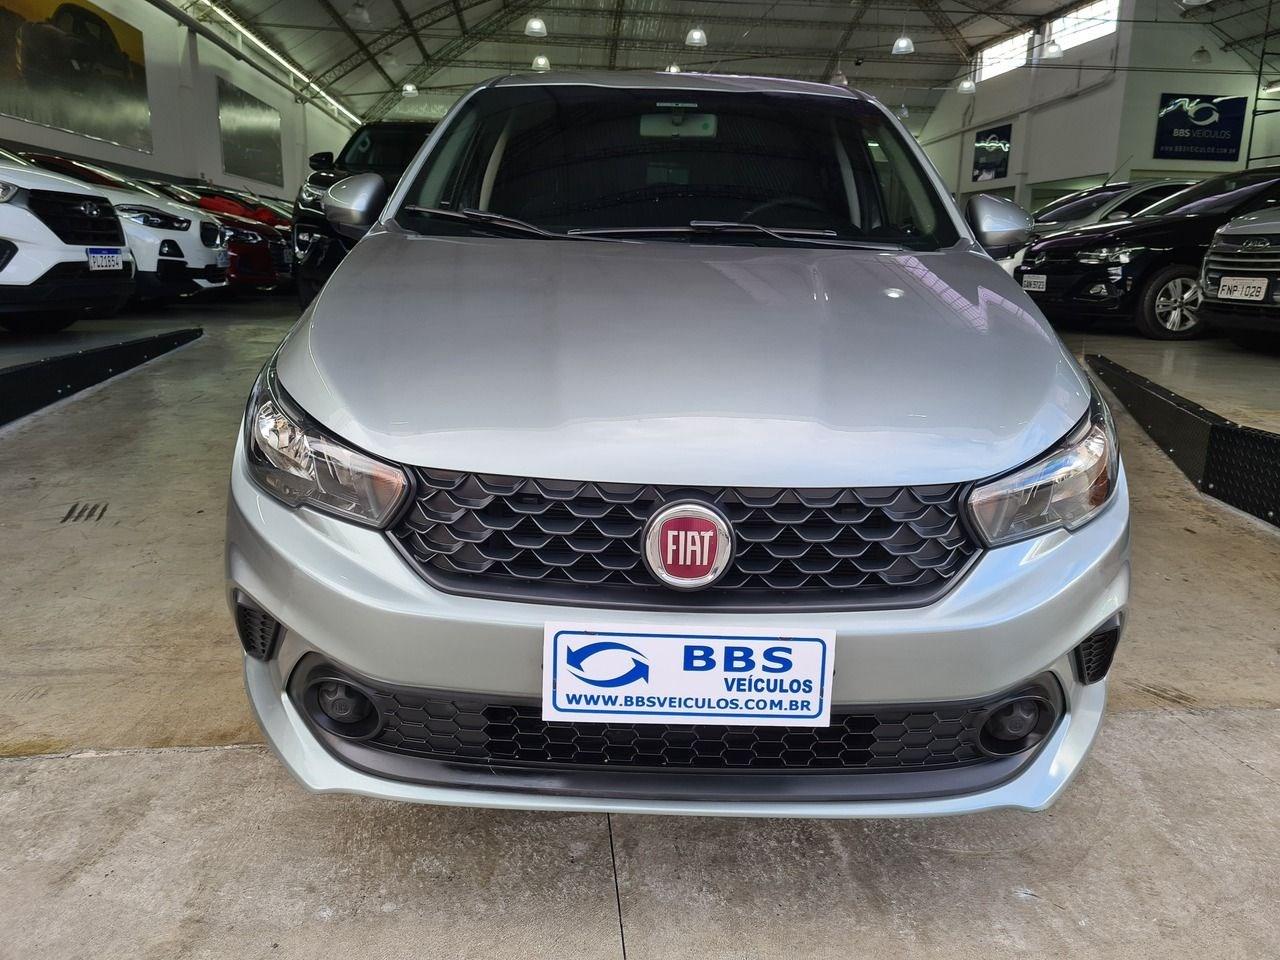 //www.autoline.com.br/carro/fiat/argo-10-drive-6v-flex-4p-manual/2018/sao-paulo-sp/13479796